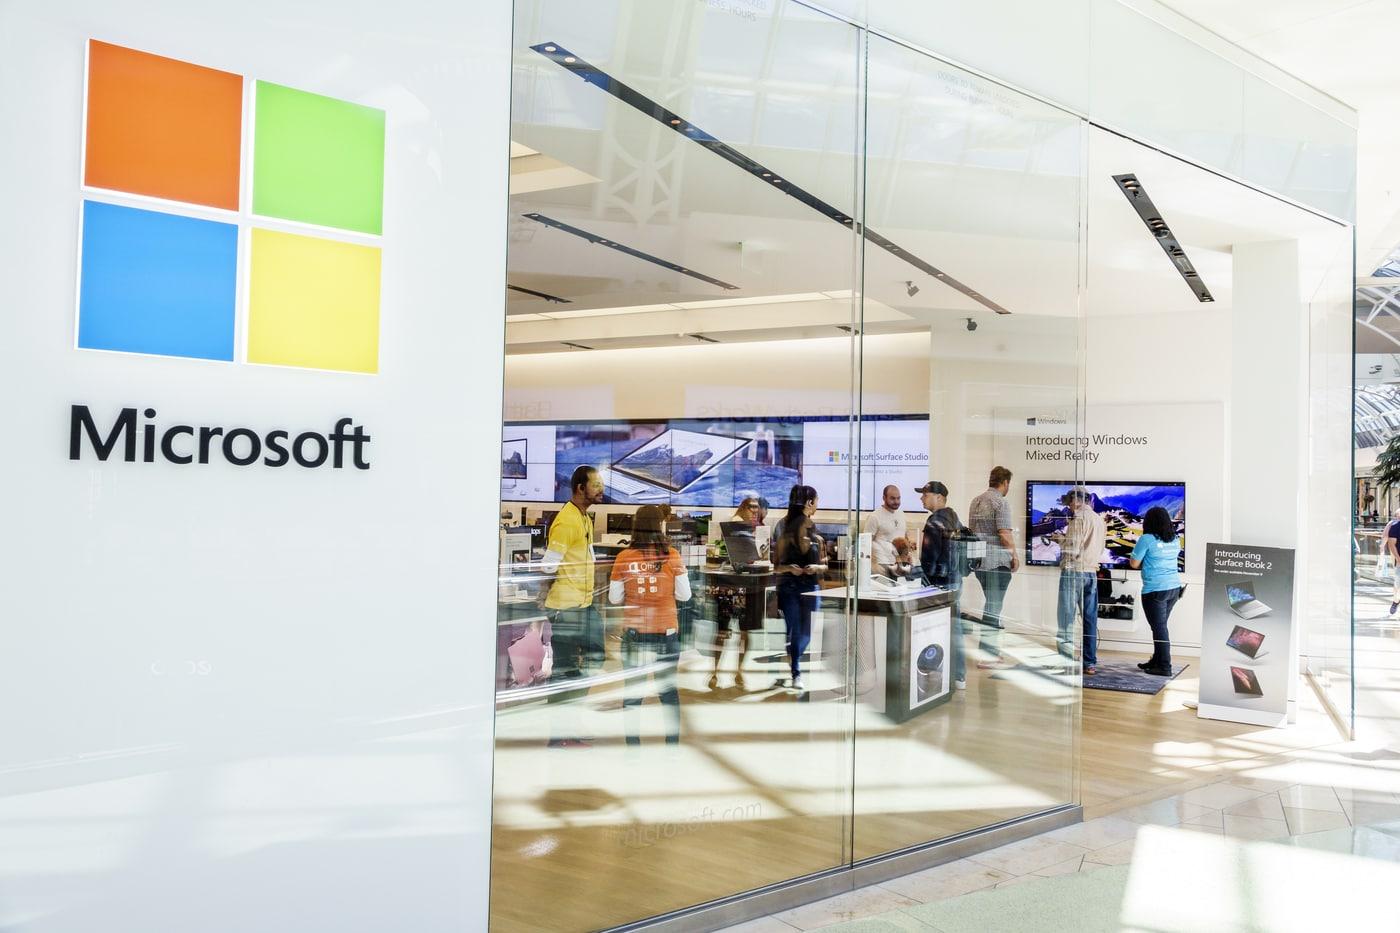 Microsoft sẽ đóng cửa vĩnh viễn hệ thống các cửa hàng bán lẻ